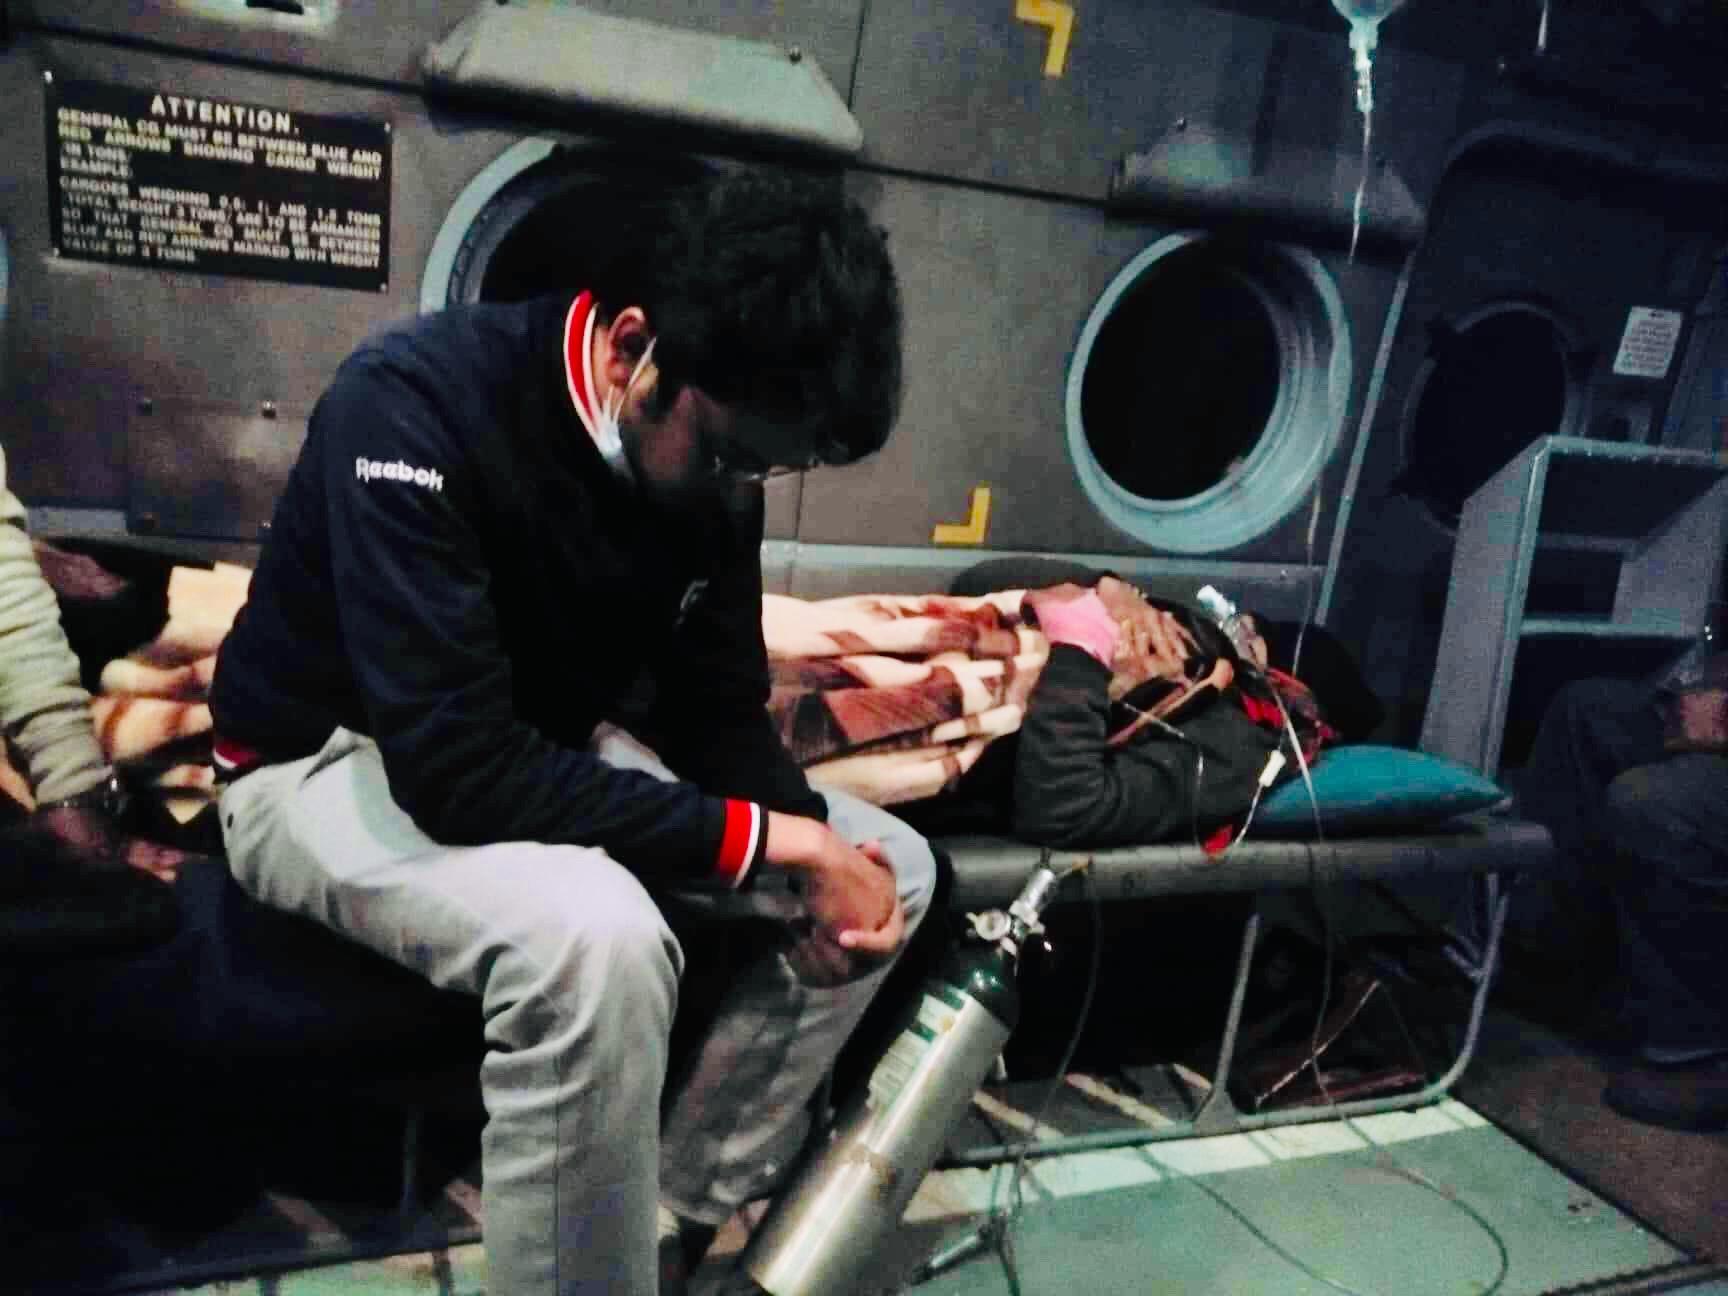 डा. केसीलाई बिहान ३ बजे हेलिकप्टरमा काठमाडौं ल्याइयो, टिचिङ अस्पतालको आइसियु भर्ना